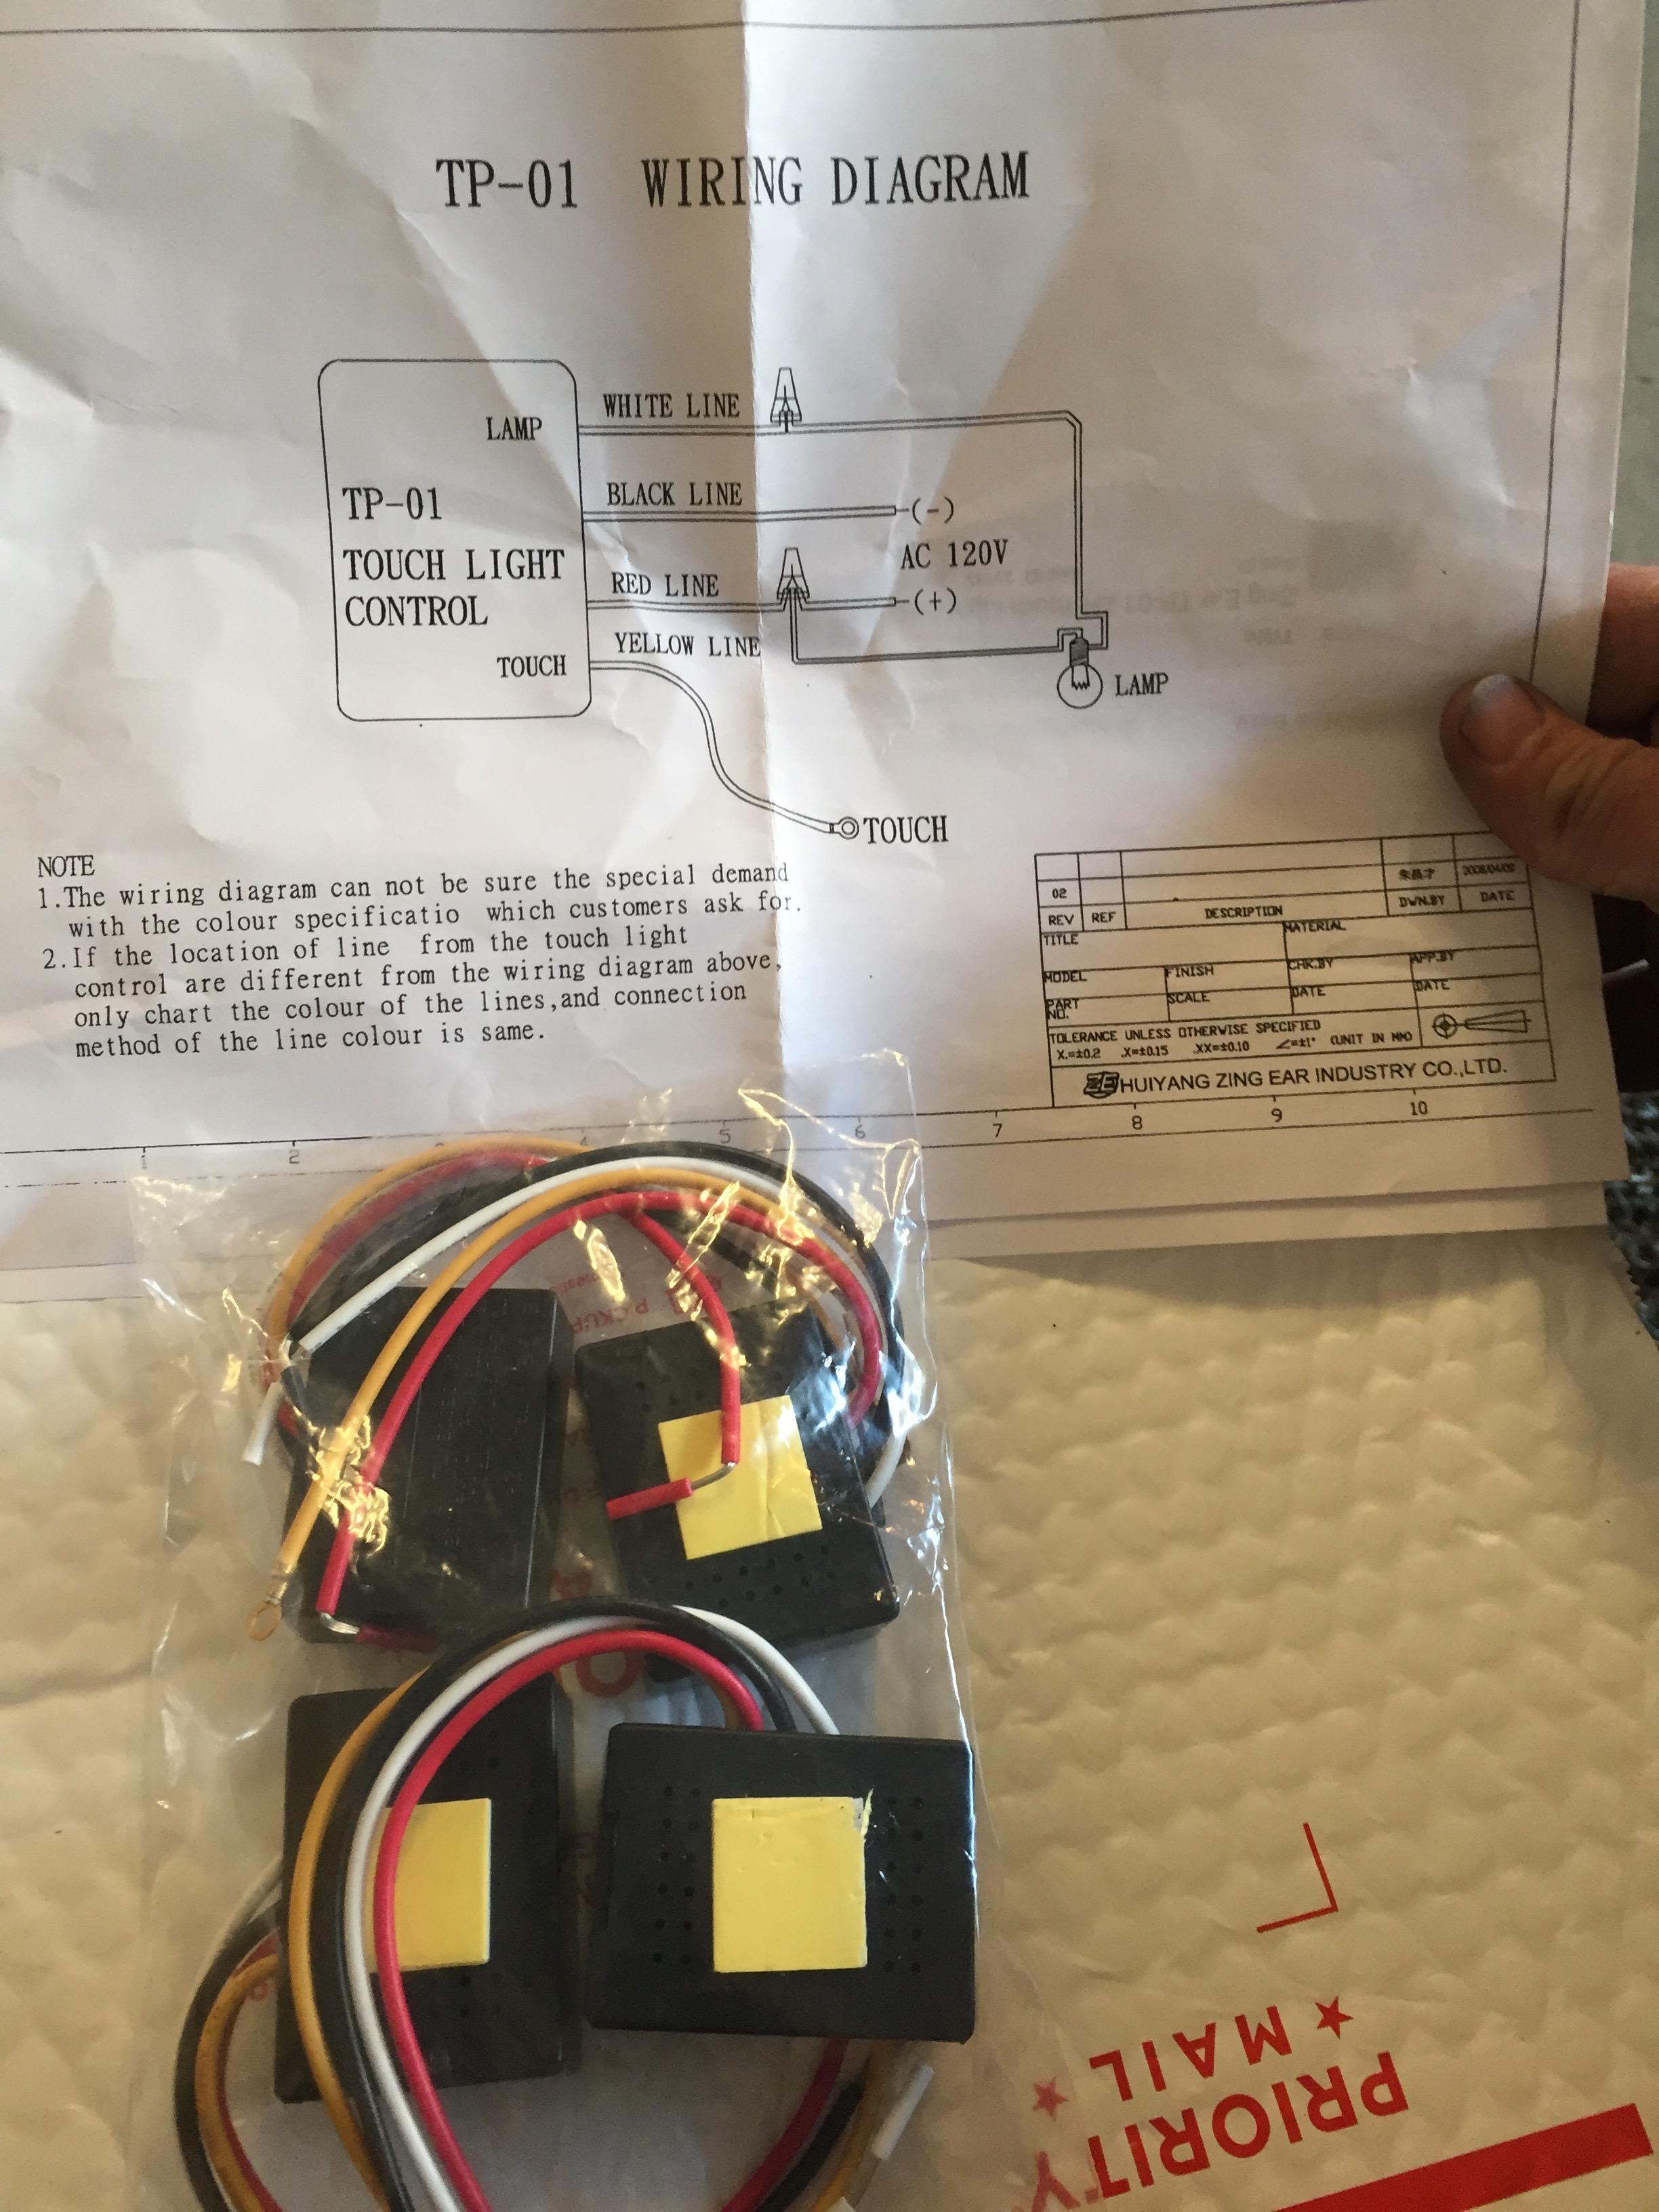 zing ear ceiling fan pull chain switch wiring diagram